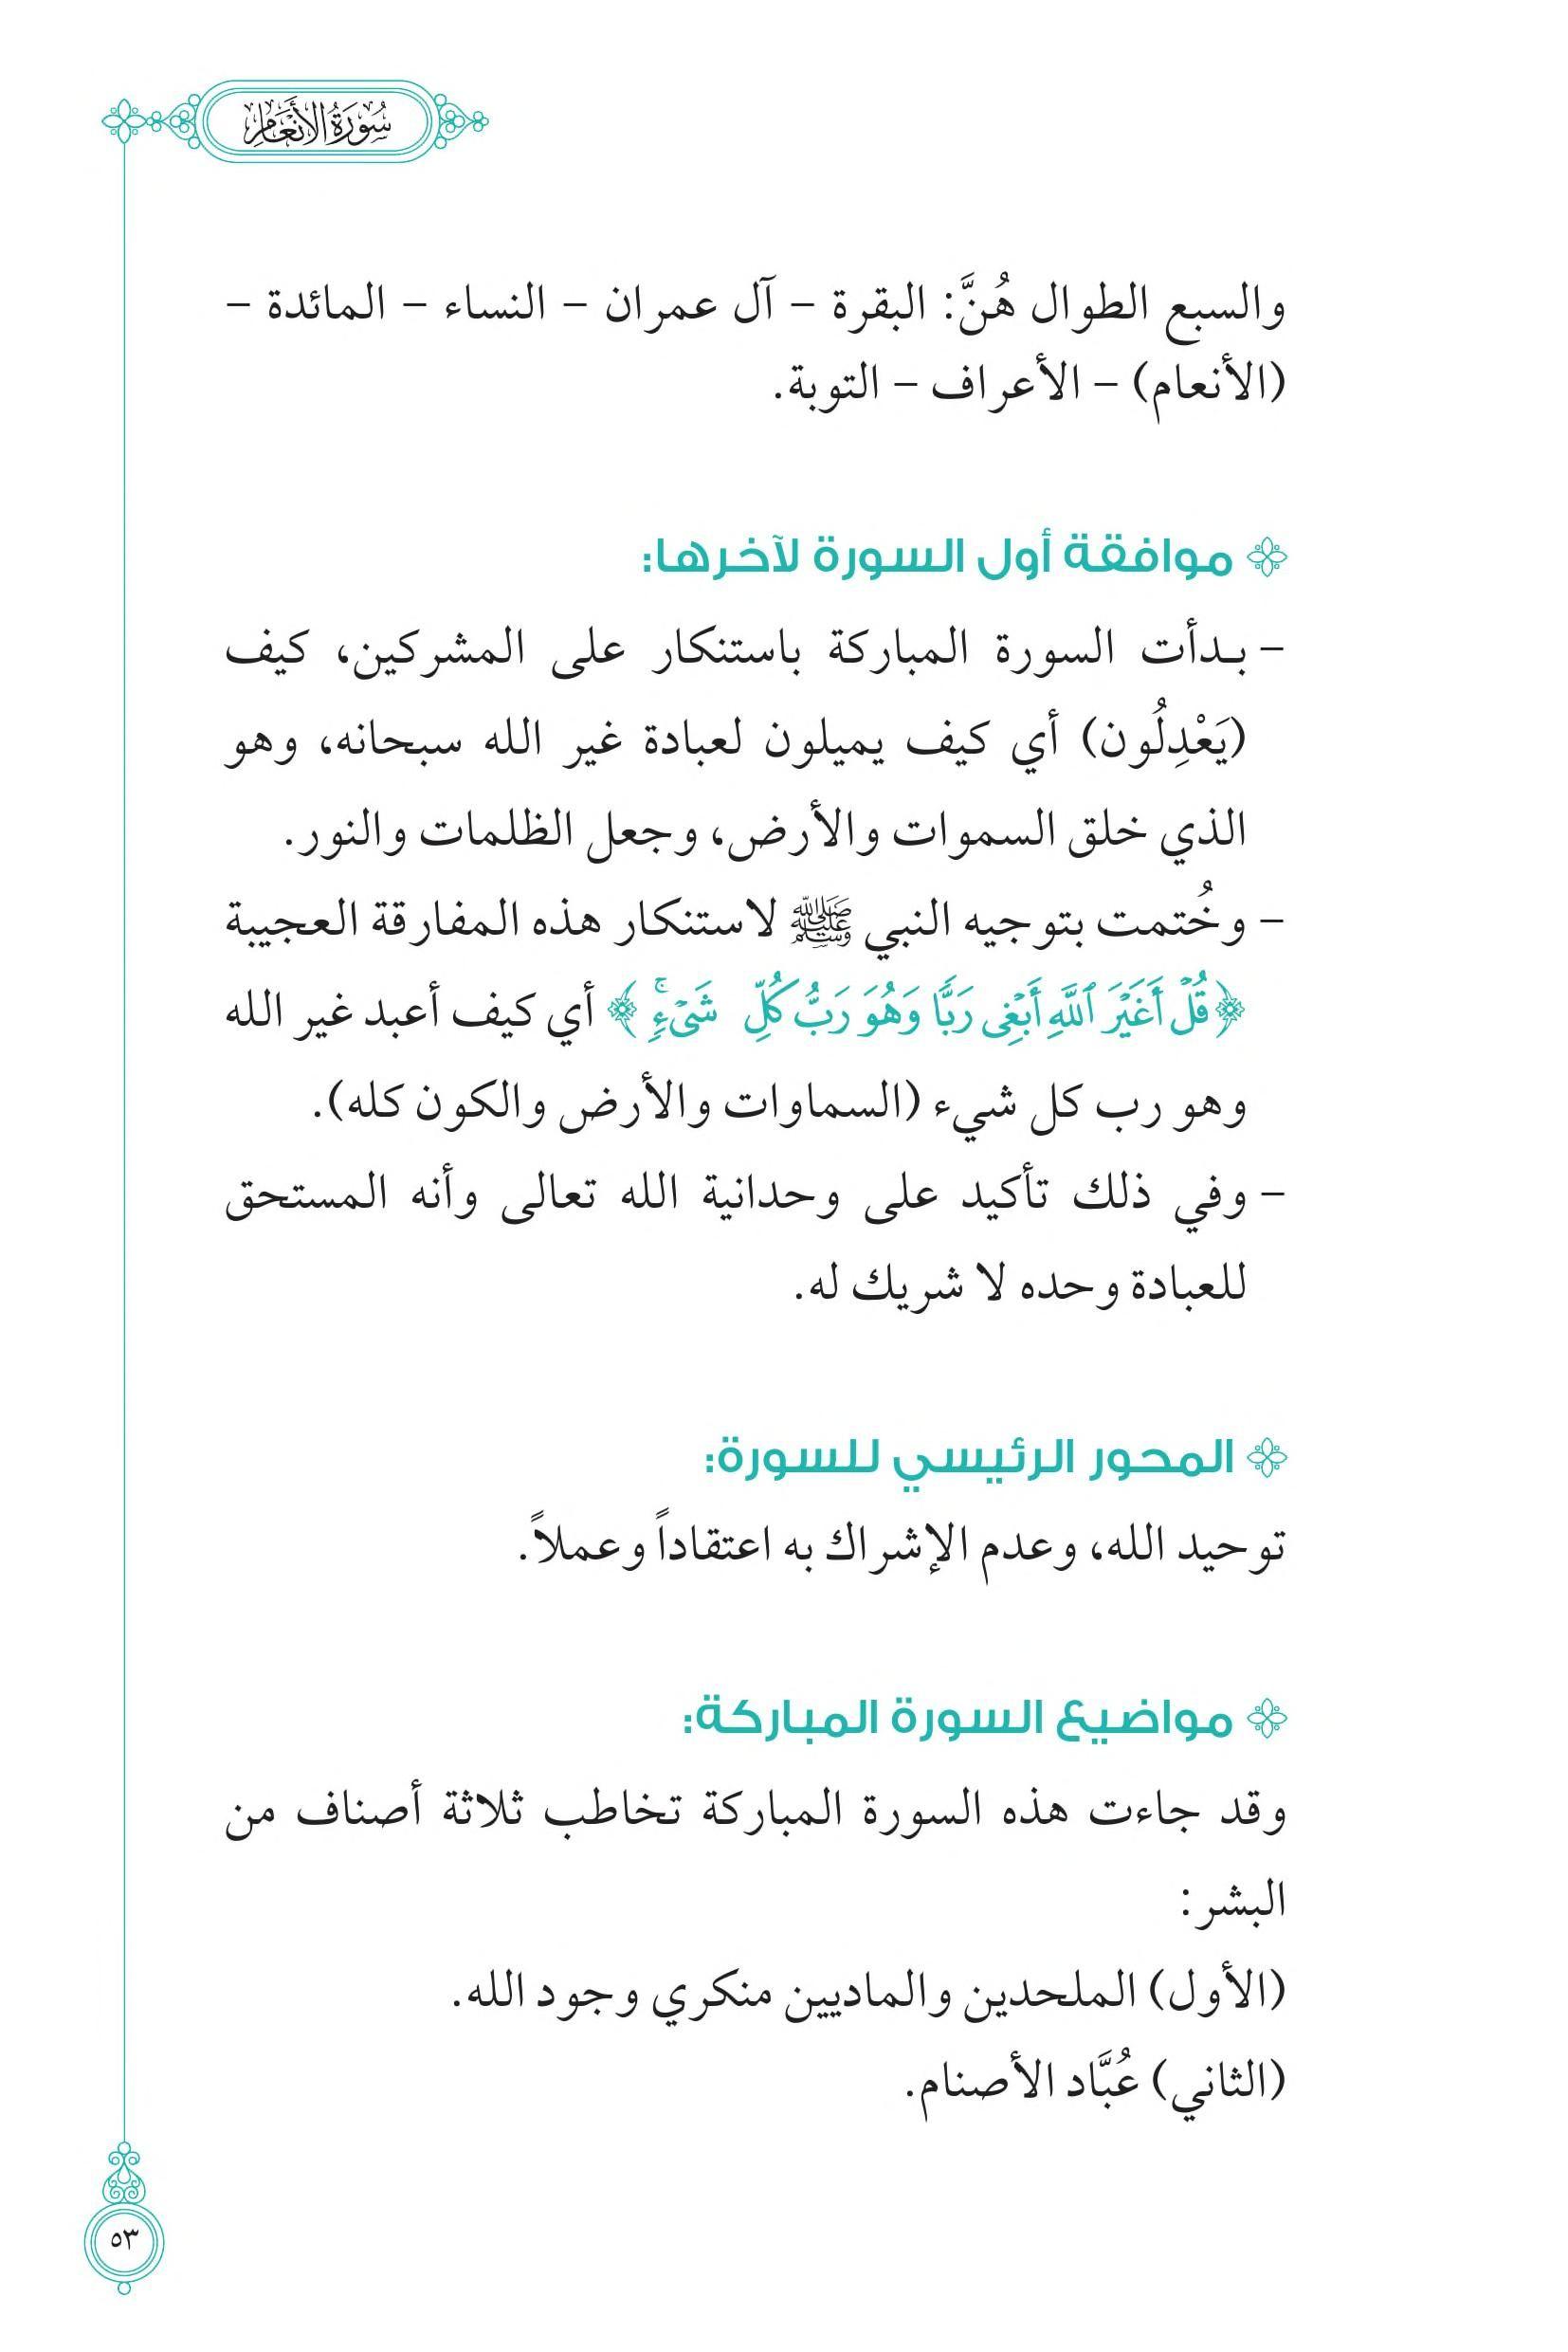 كتاب أول مرة أتدبر القرآن Free Download Borrow And Streaming Internet Archive Texts My Books Internet Archive